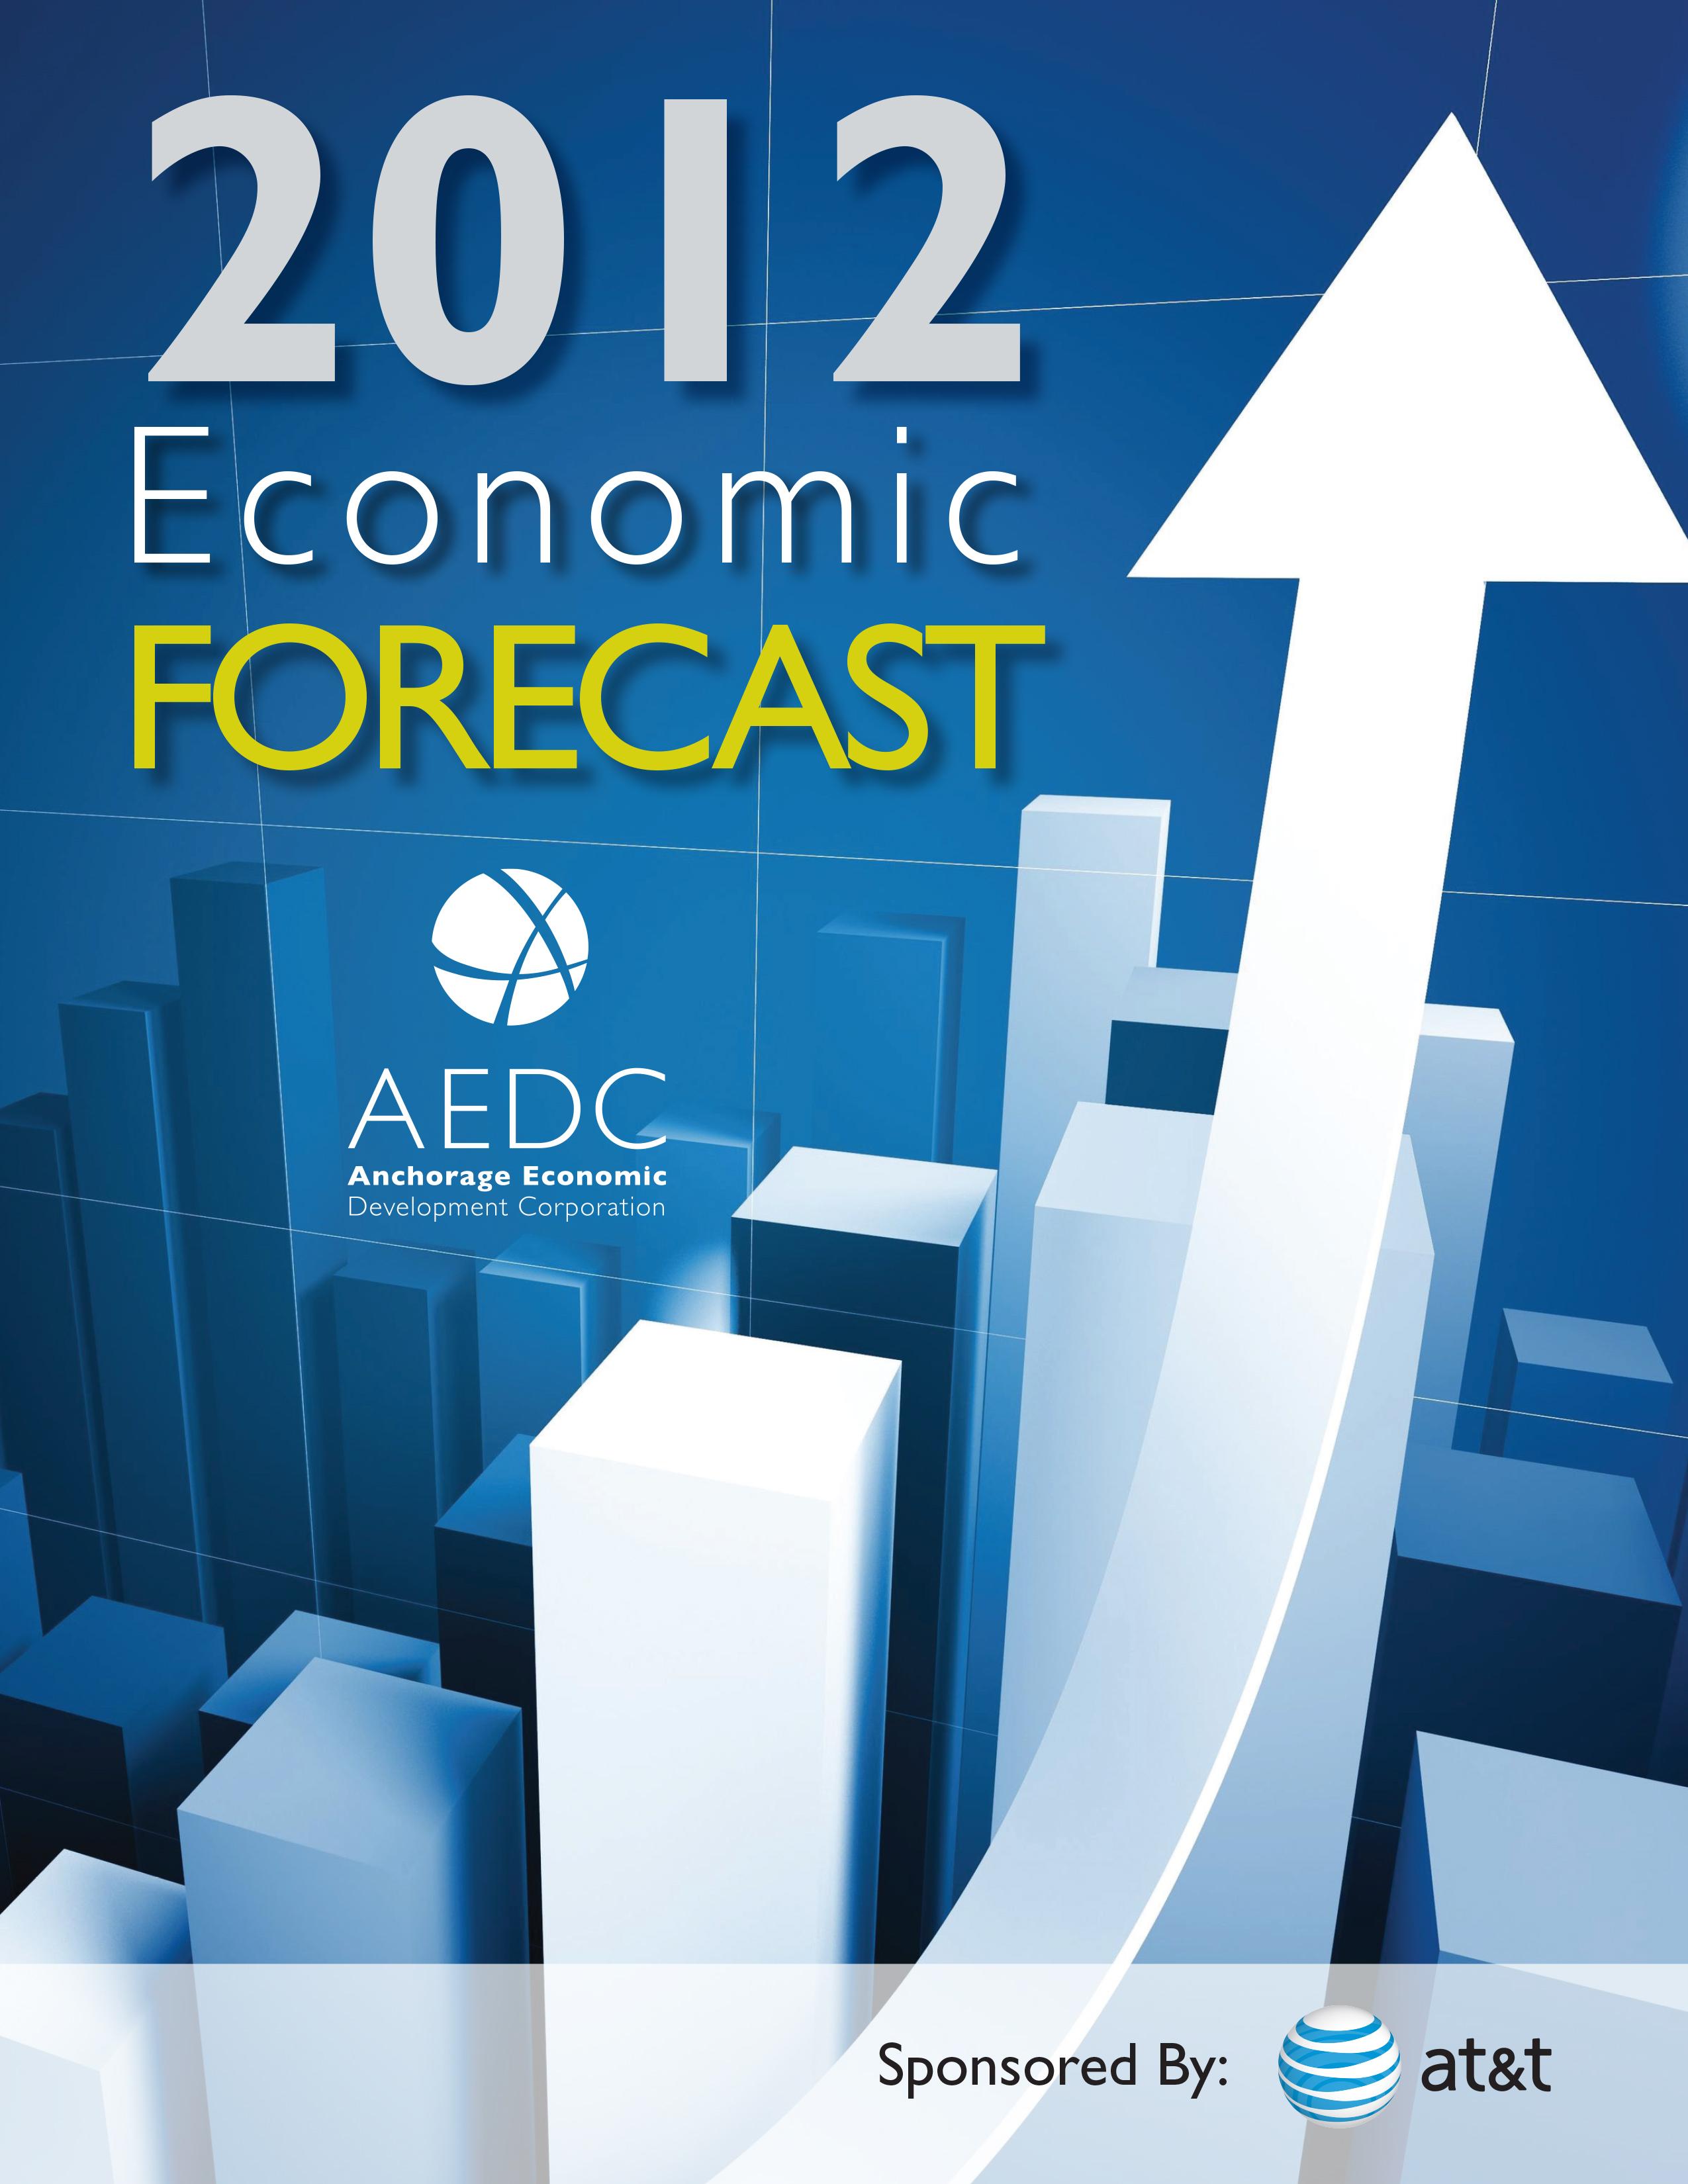 AEDC Economic Forecast Report: 2012